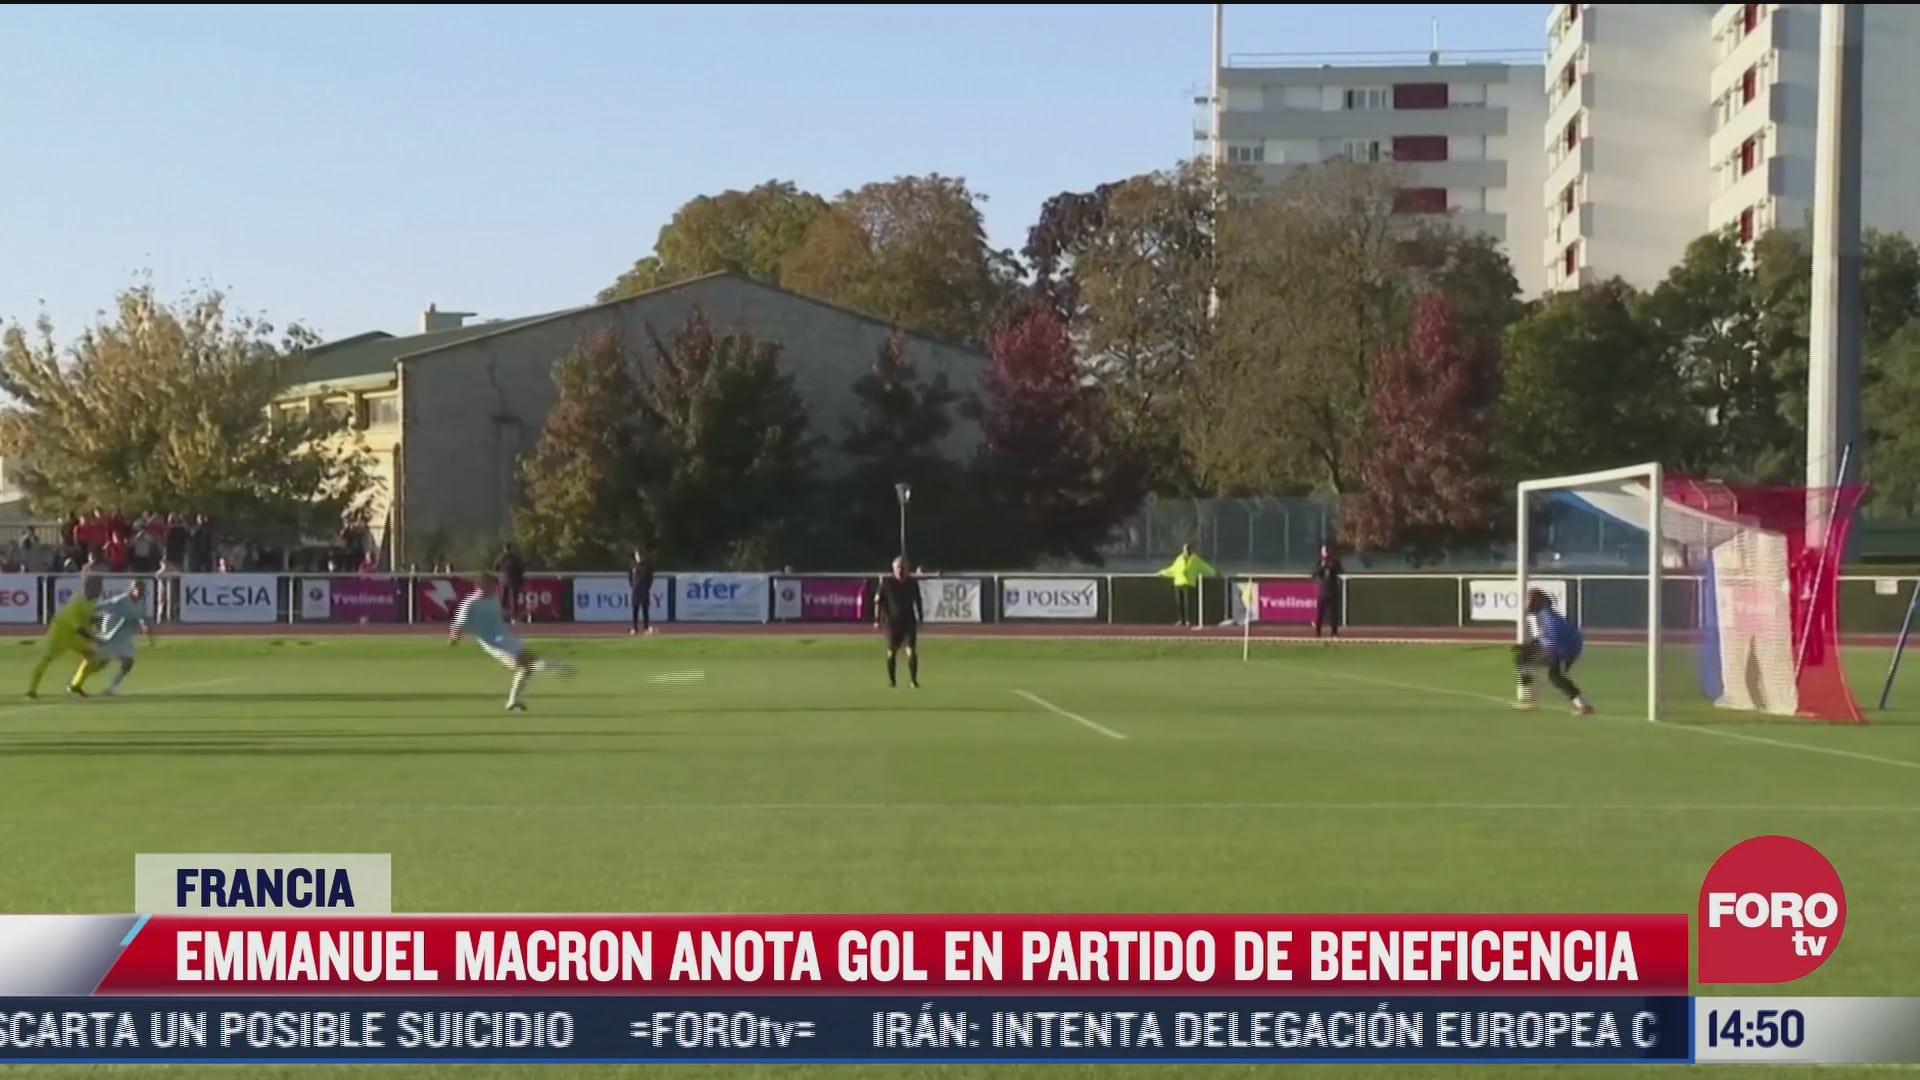 video presidente de francia anota gol de penal en partido de beneficencia